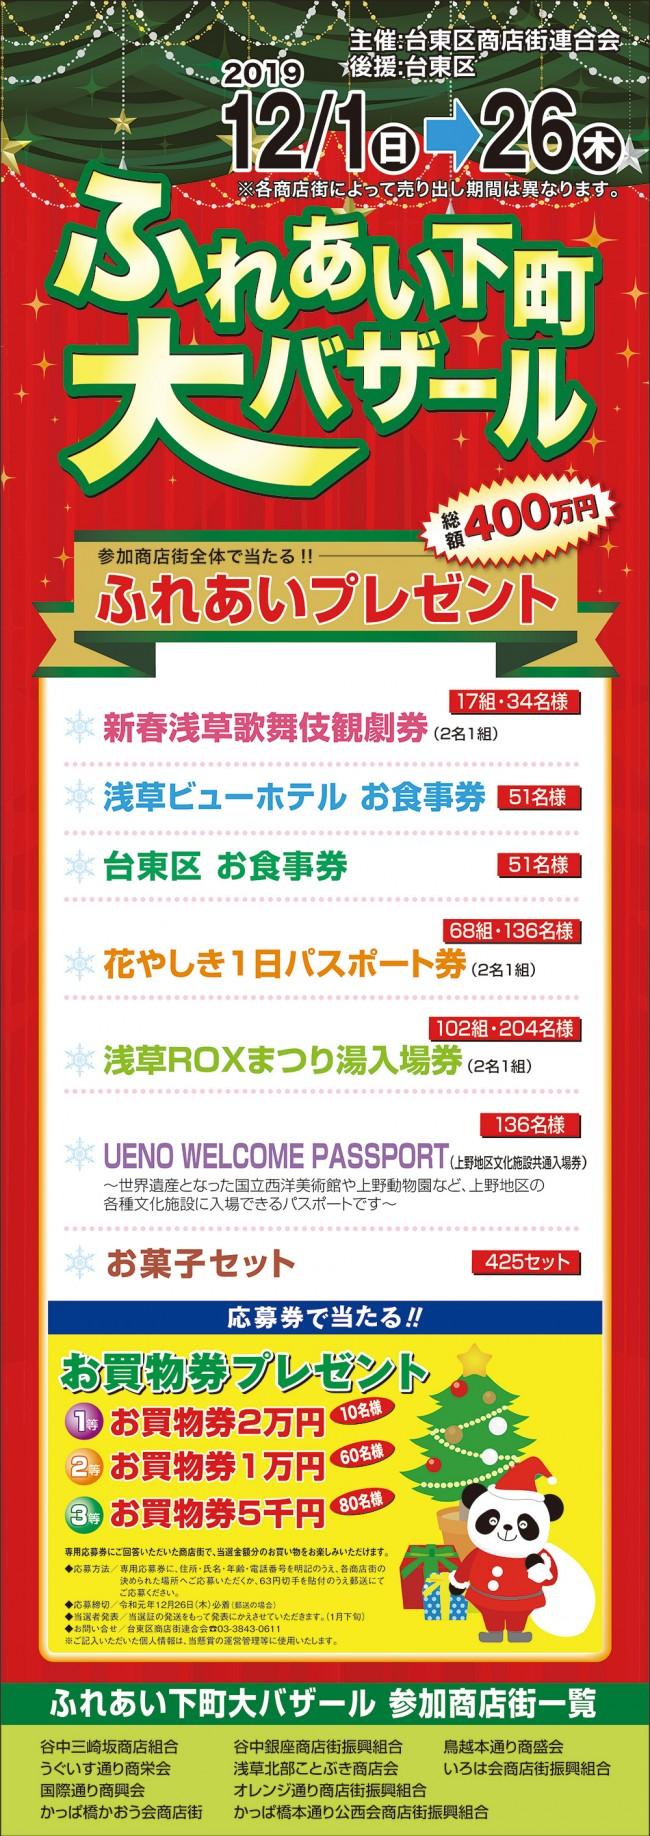 2019年度「ふれあい下町大バザール(歳末期)」開催!! 2019.12.1~12.26